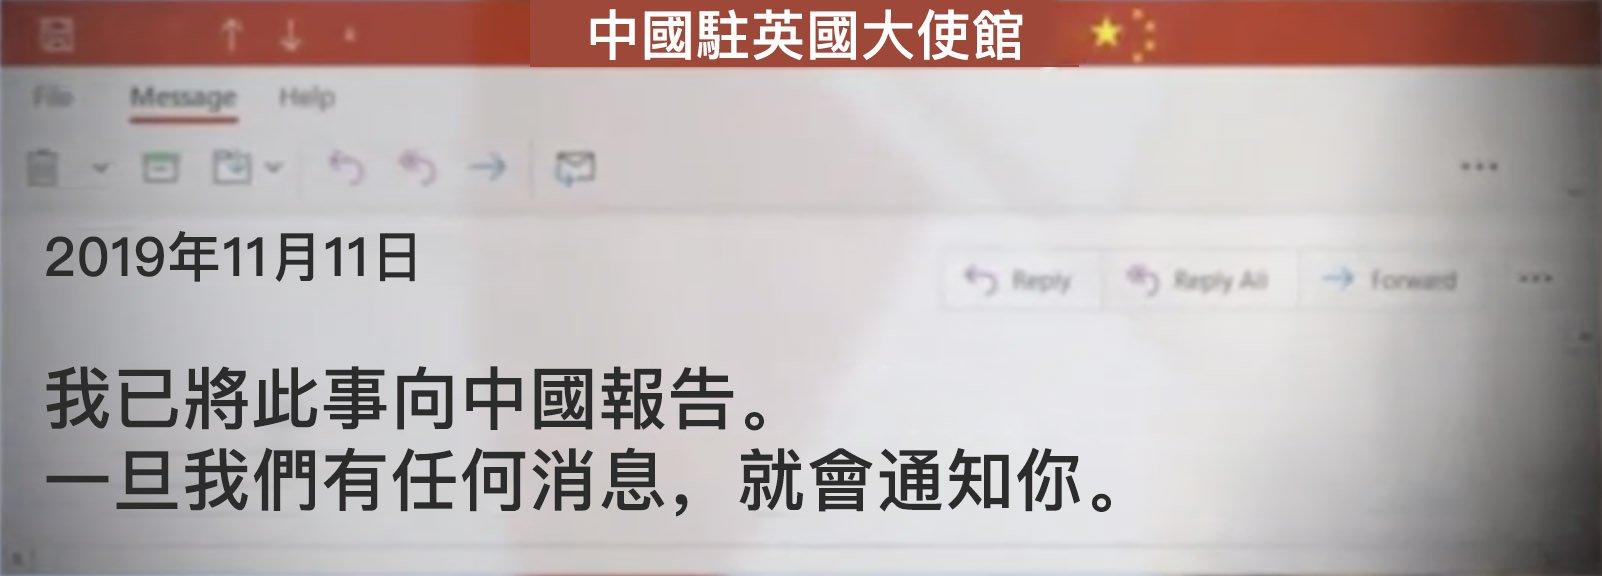 中國大使館發送給BBC的回復(翻譯自英文)。